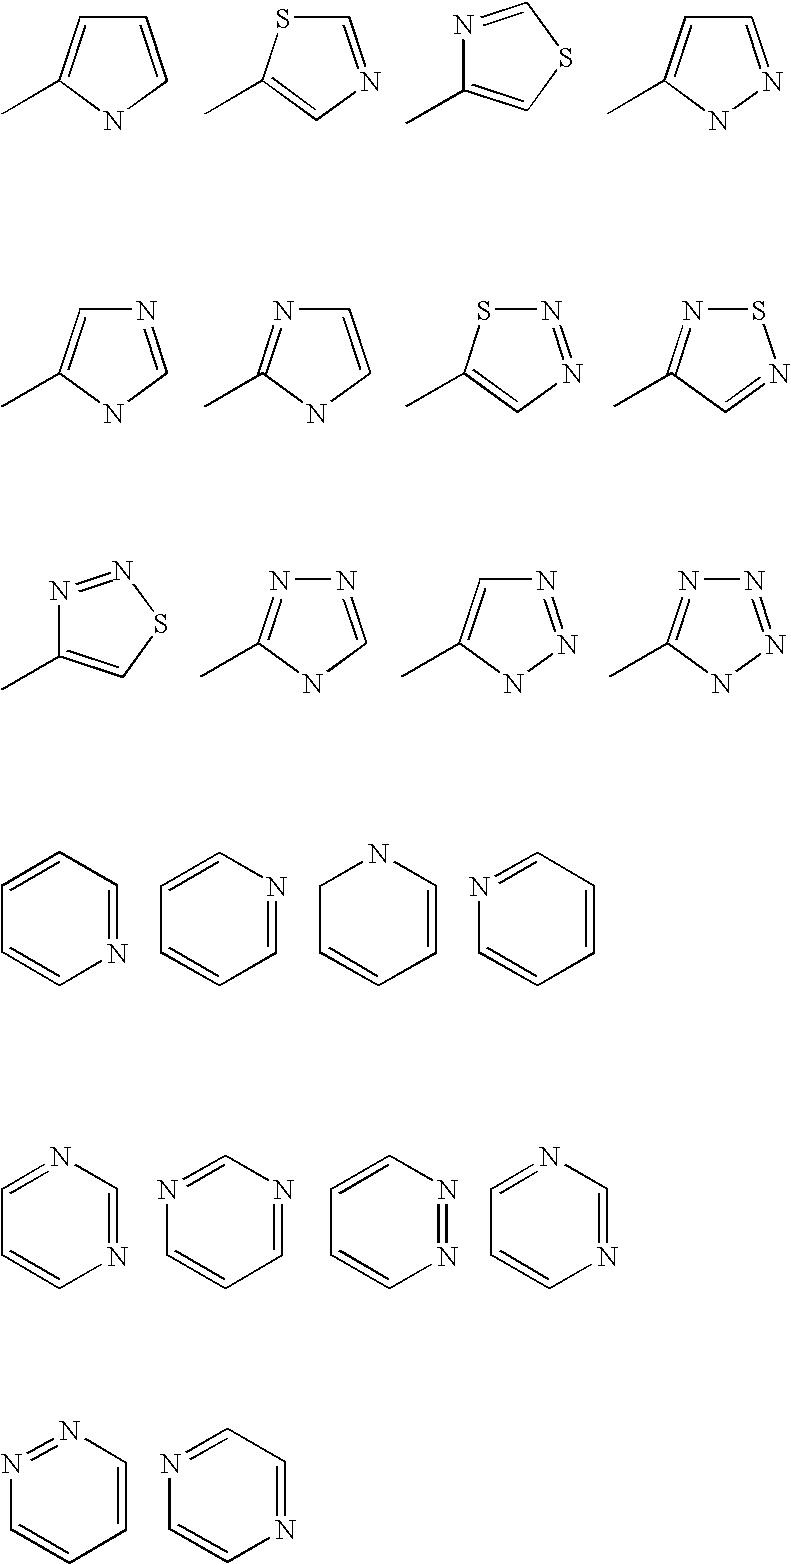 Figure US20050197382A1-20050908-C00002